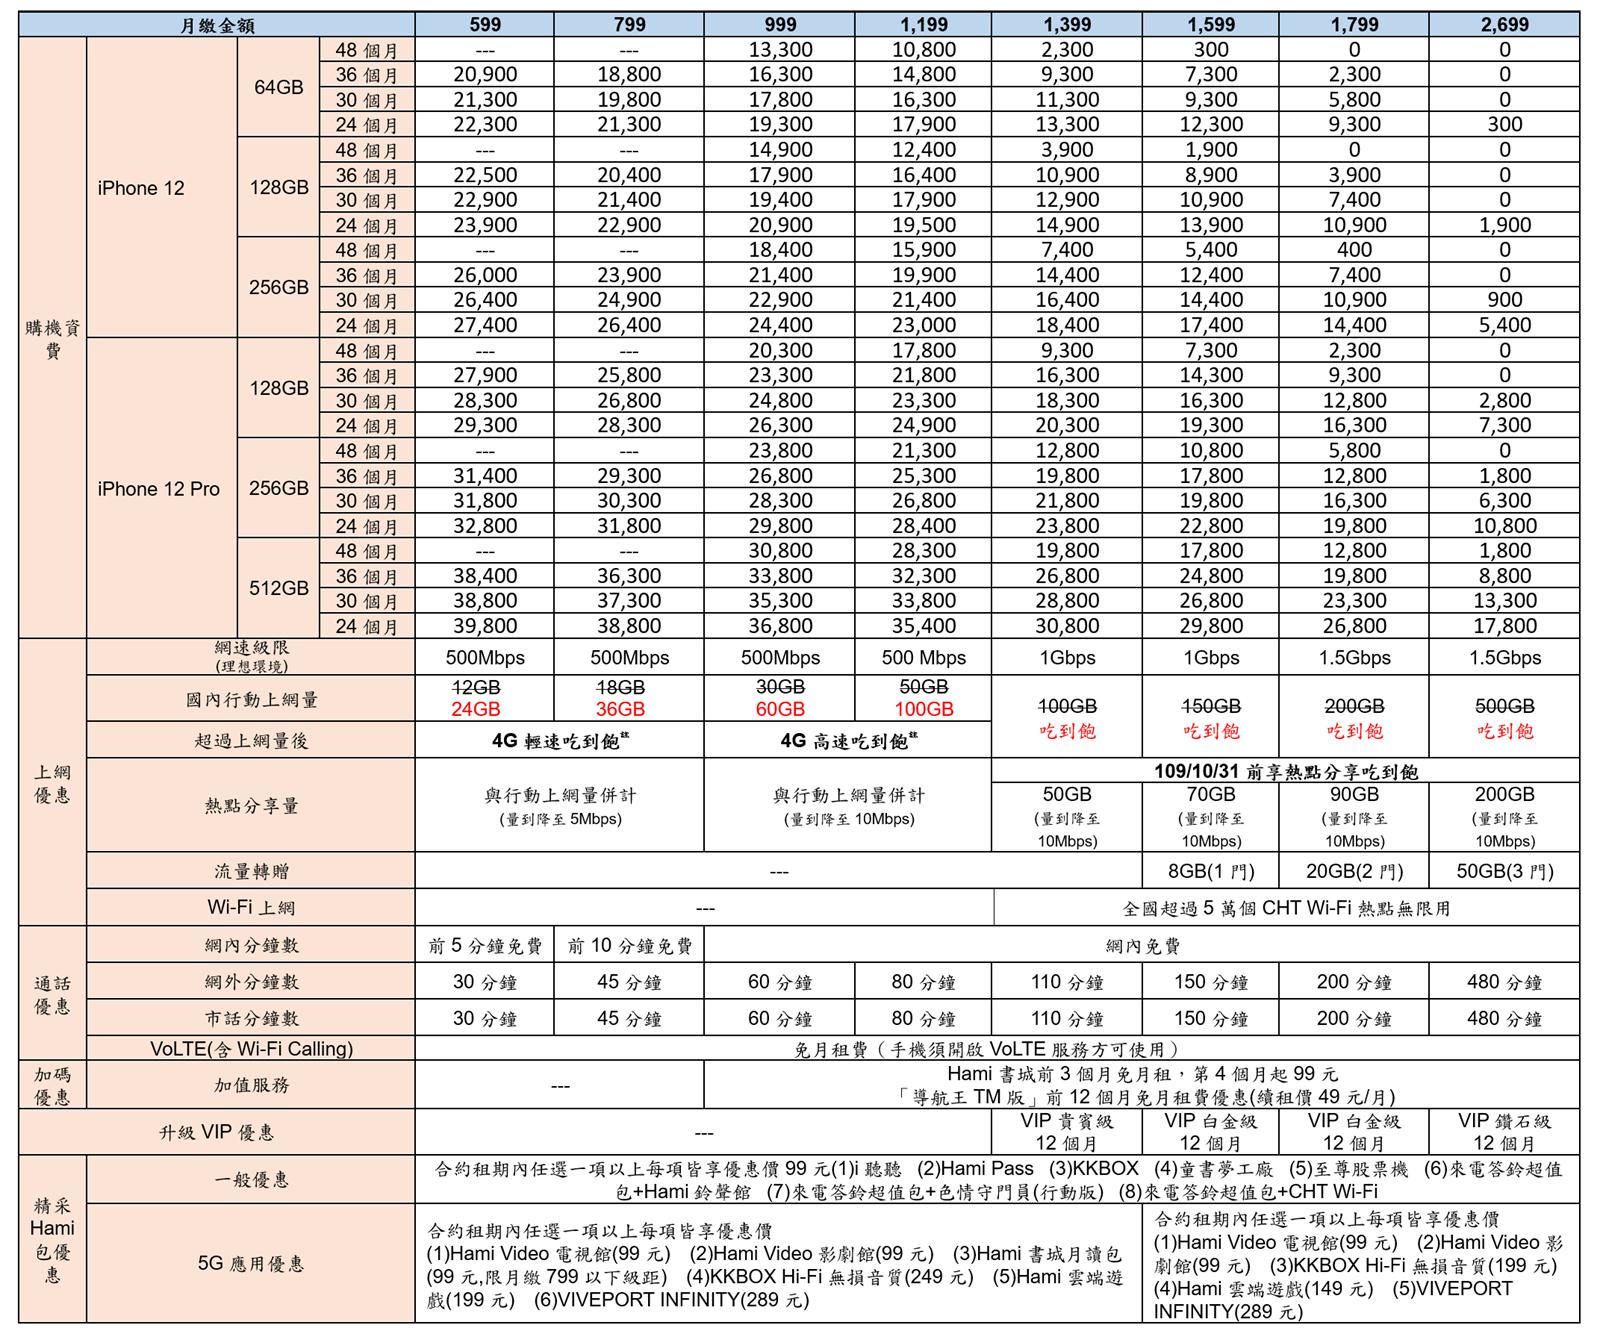 綁約還是空機買蘋果? iPhone 12 / 12 Pro 電信資費全彙整 (中華/遠傳/台哥大/台灣之星) 試算分析! @3C 達人廖阿輝